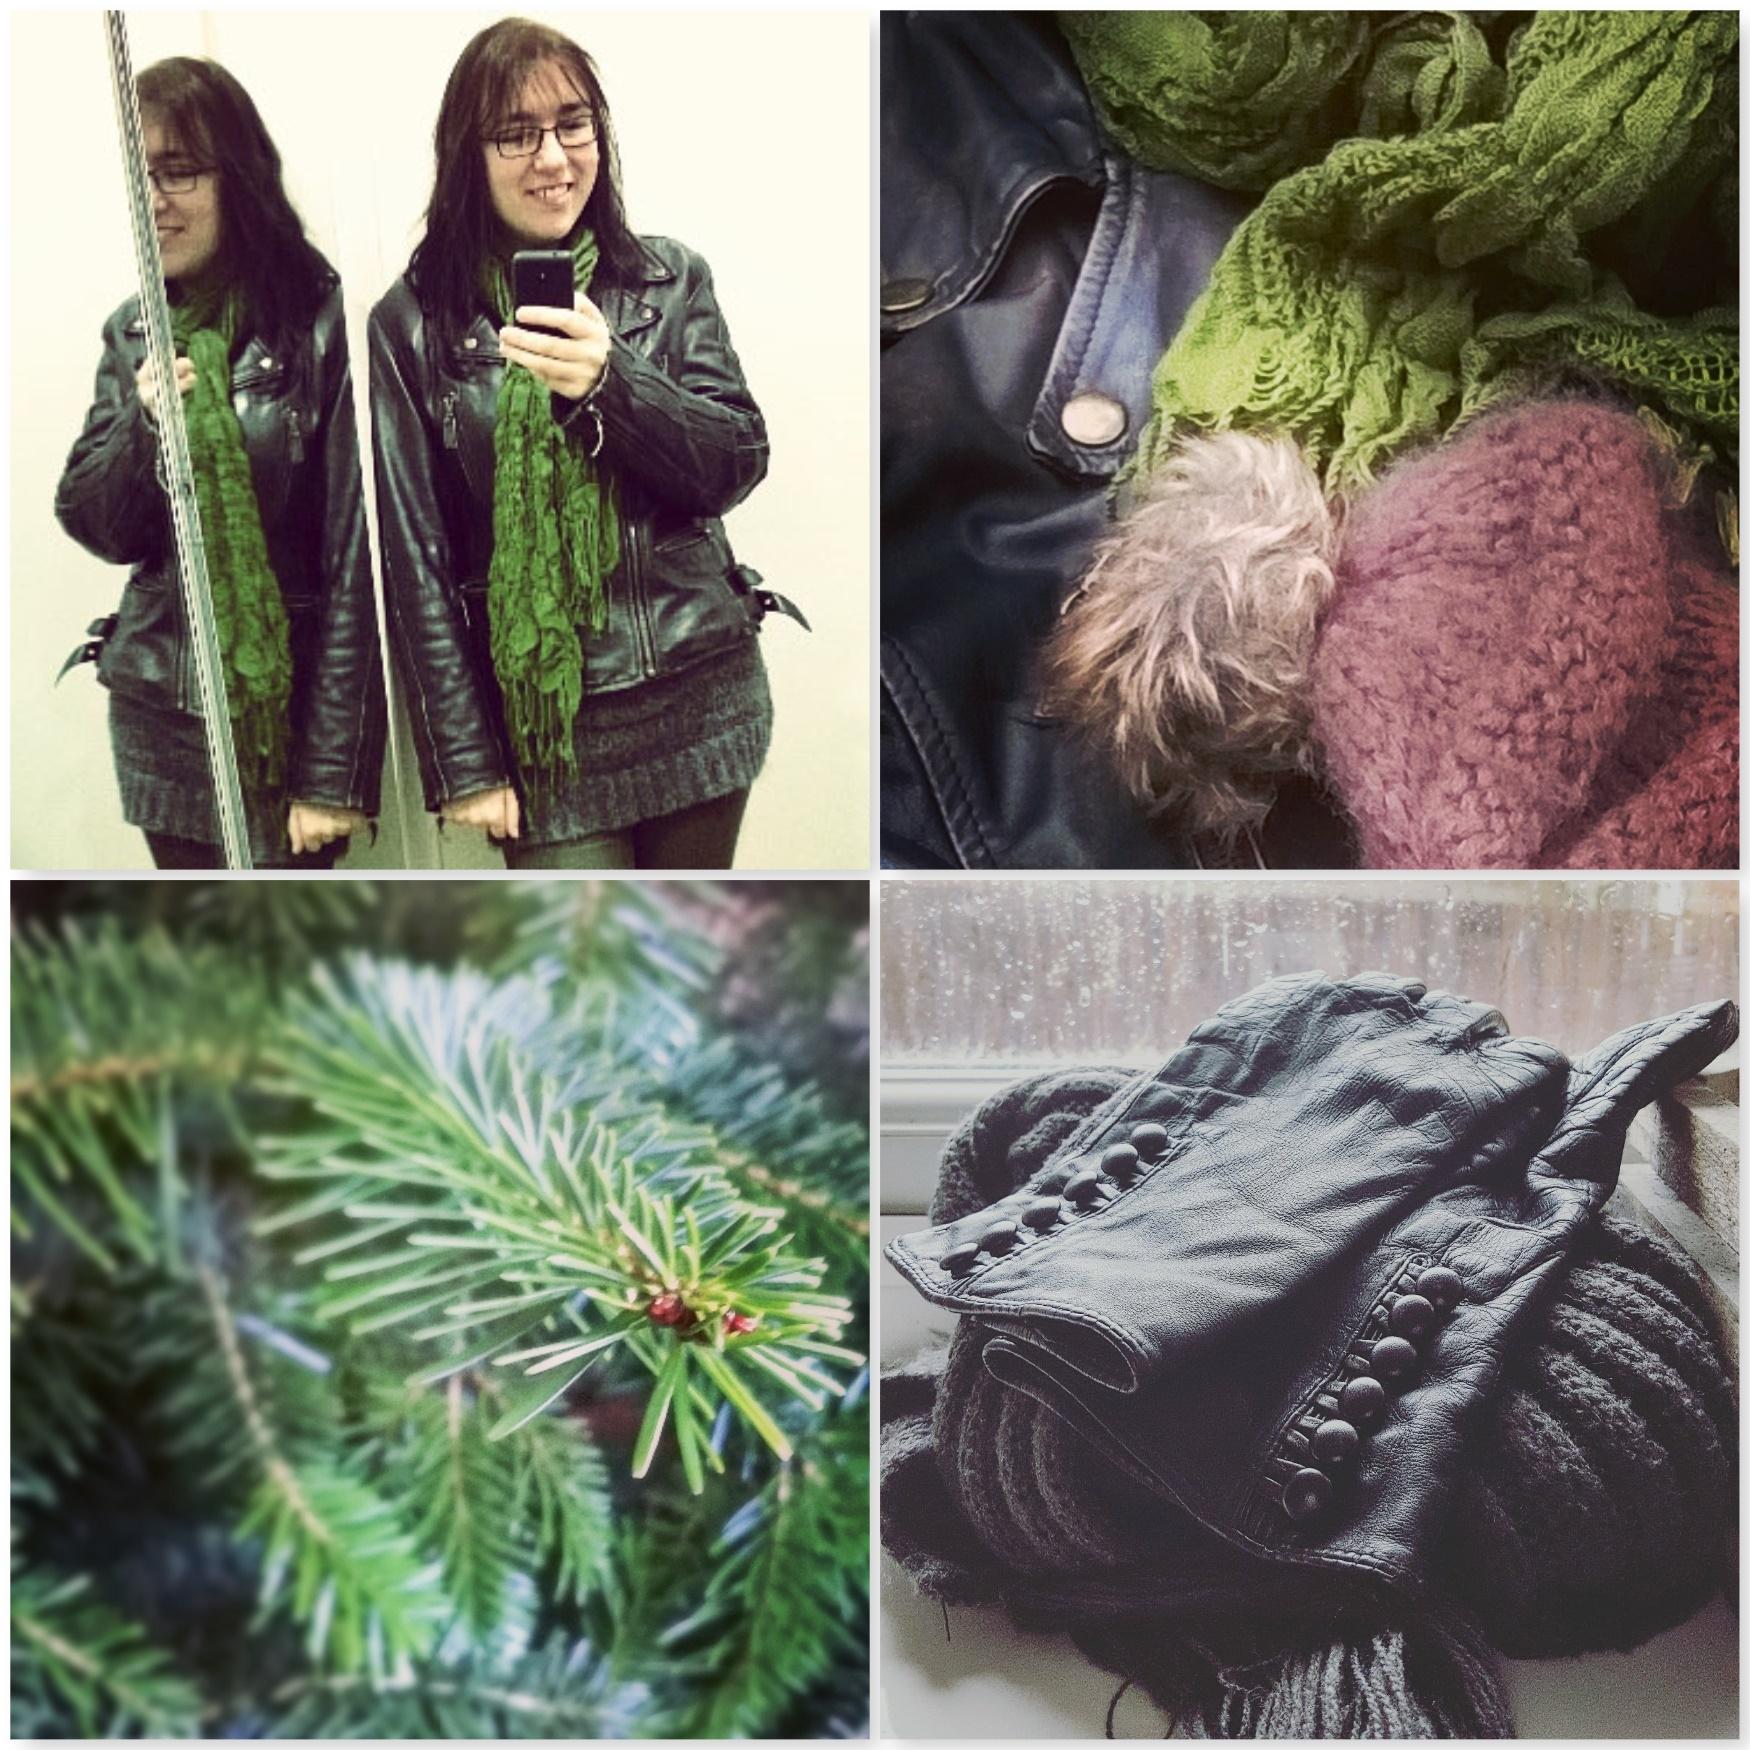 Mirror Selfie - Hat Scarf - Pine - Leather Button Gloves